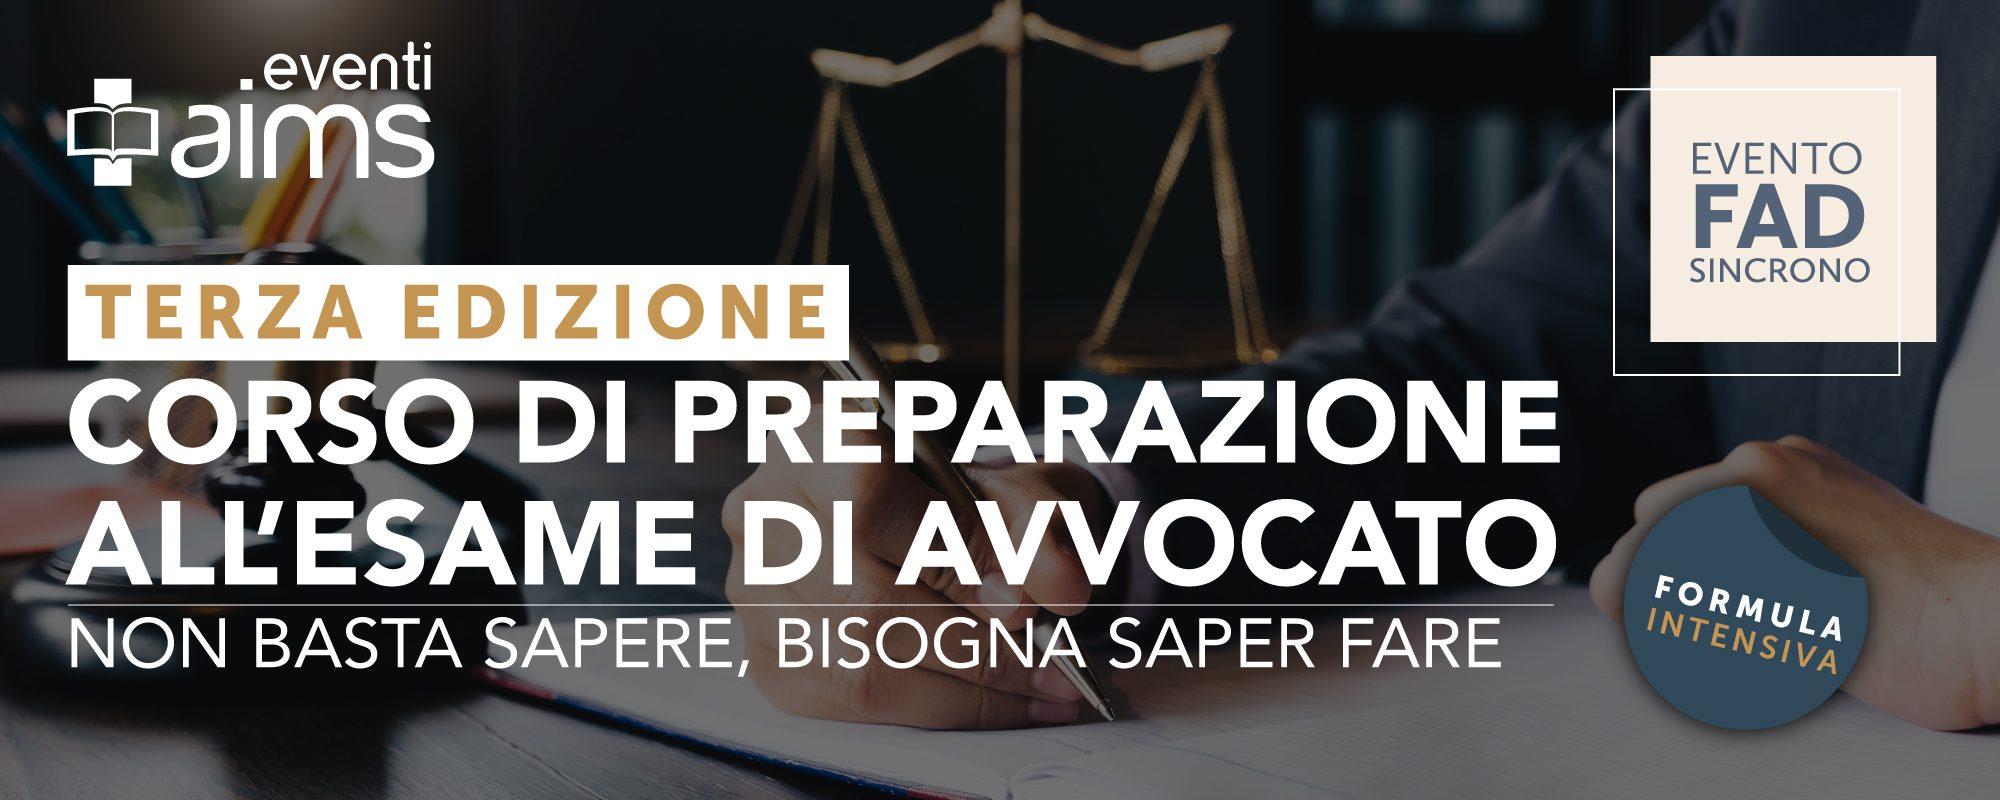 visual-sito-SP-3-EDIZ-esame-avvocato_intensivo